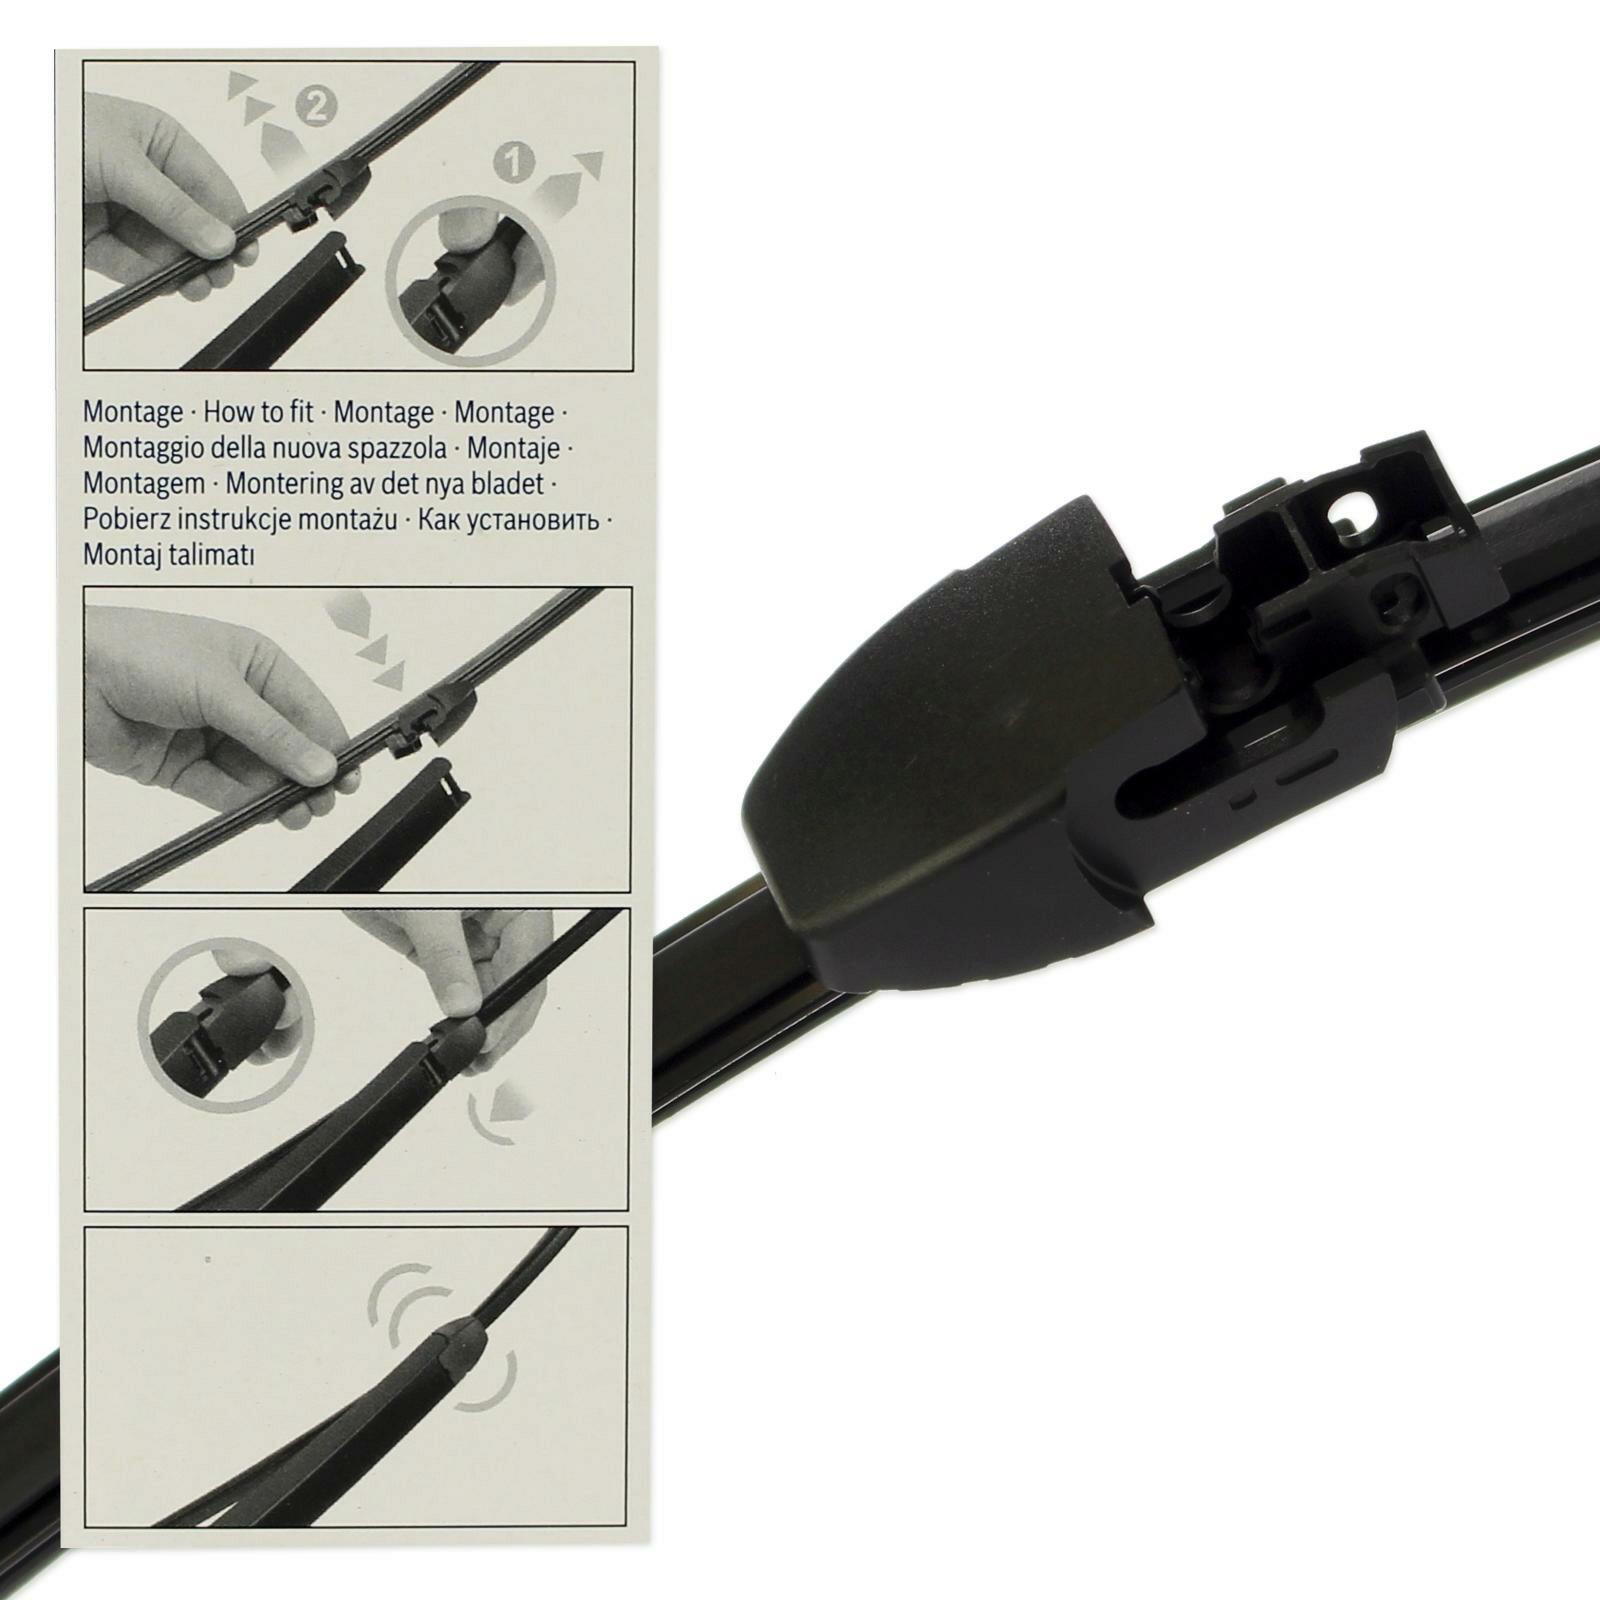 bosch scheibenwischer wischblatt aerotwin 3 397 008 006. Black Bedroom Furniture Sets. Home Design Ideas